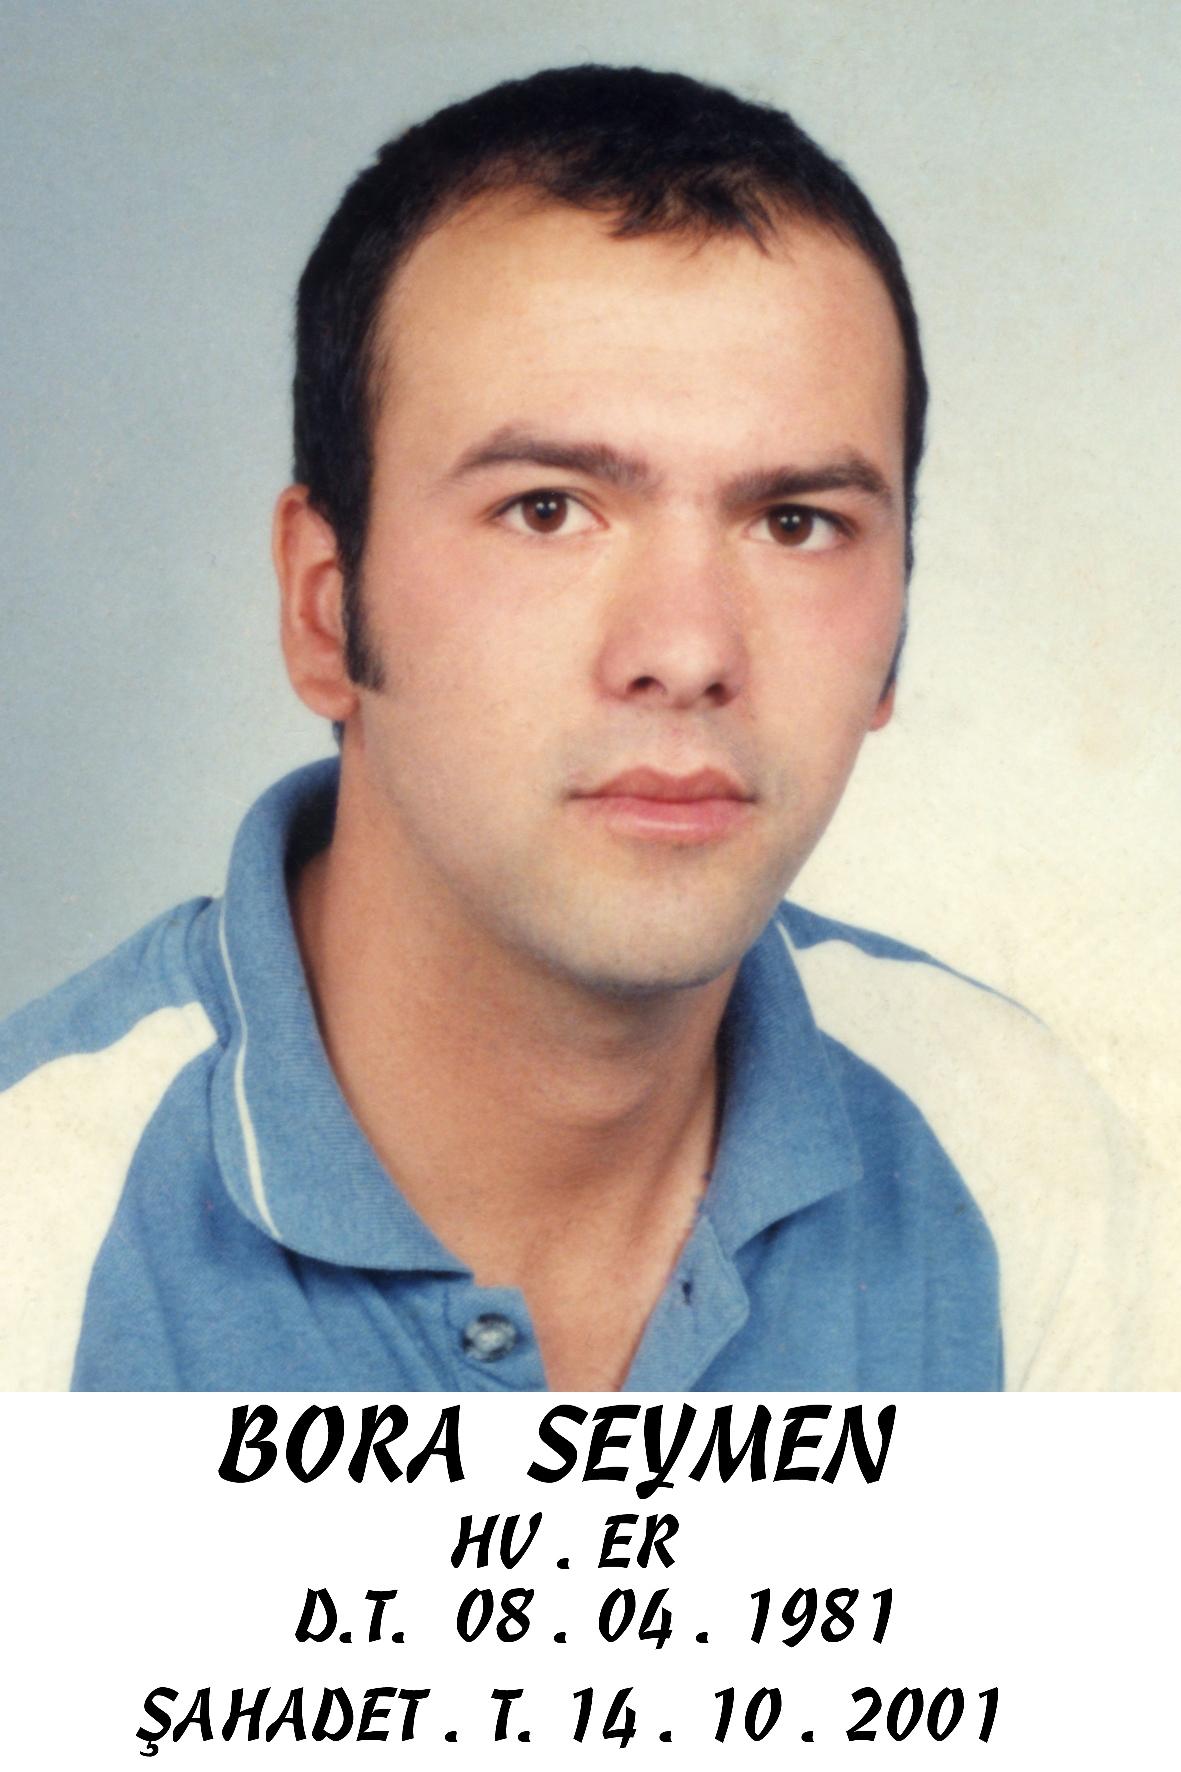 BORA SEYMEN